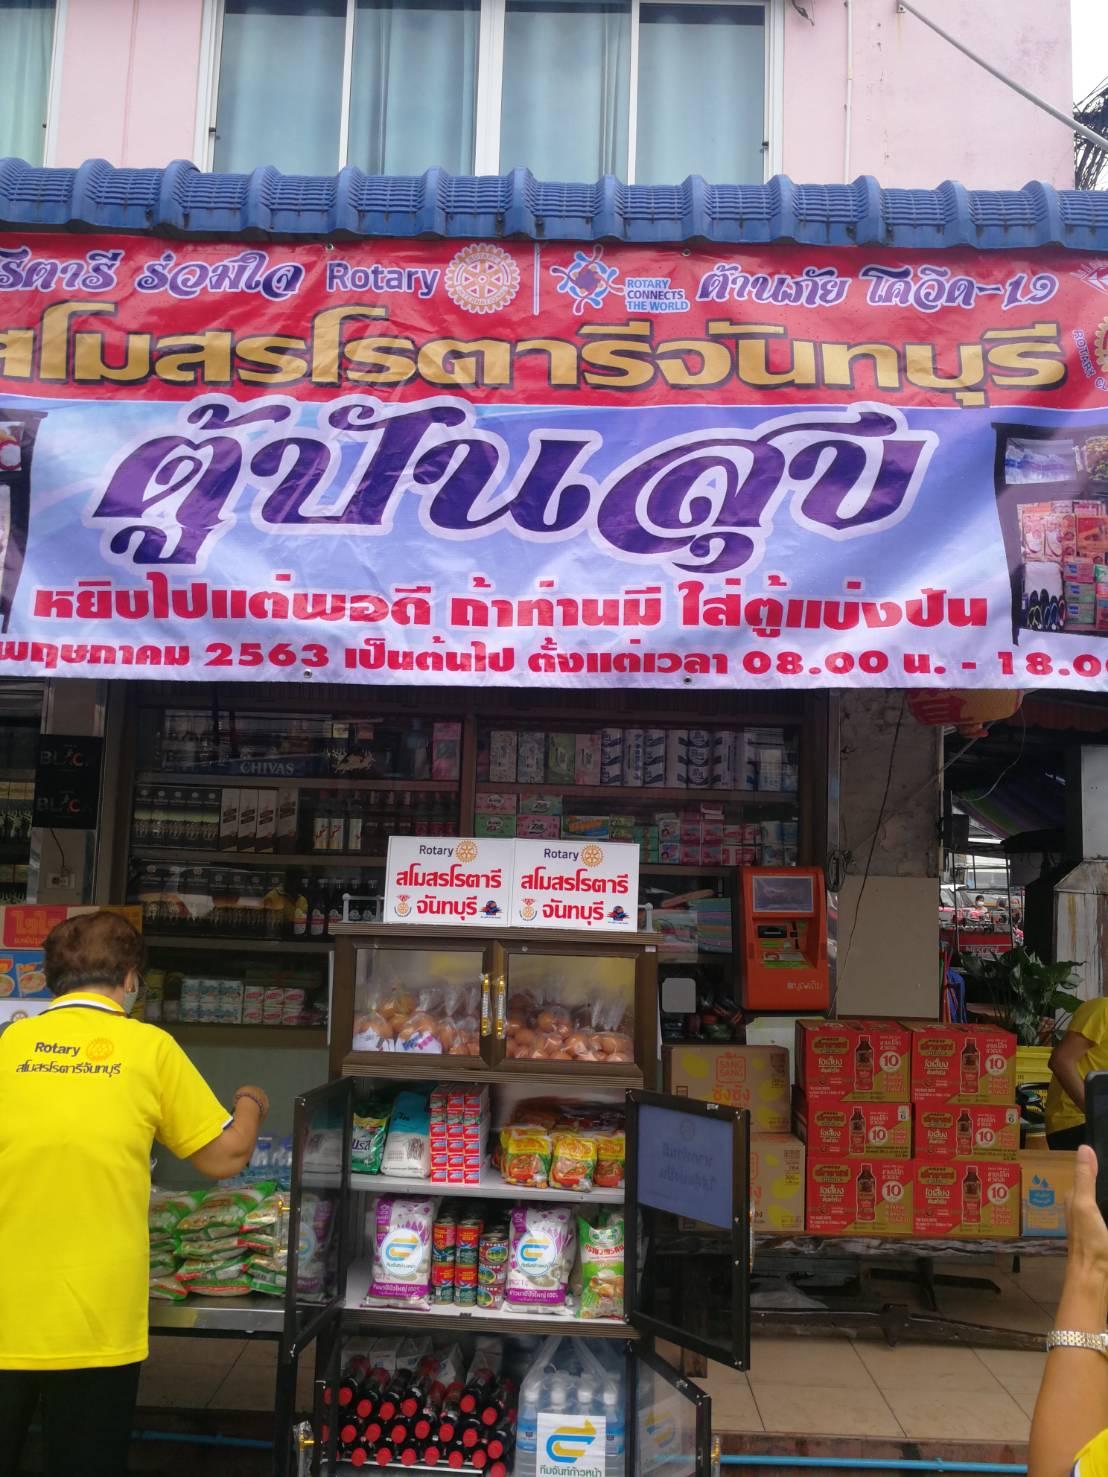 สโมสรโรตารีจันทบุรี ทำโครงการตู้ปันสุขช่วยเหลือประชาชนที่เดือดร้อน